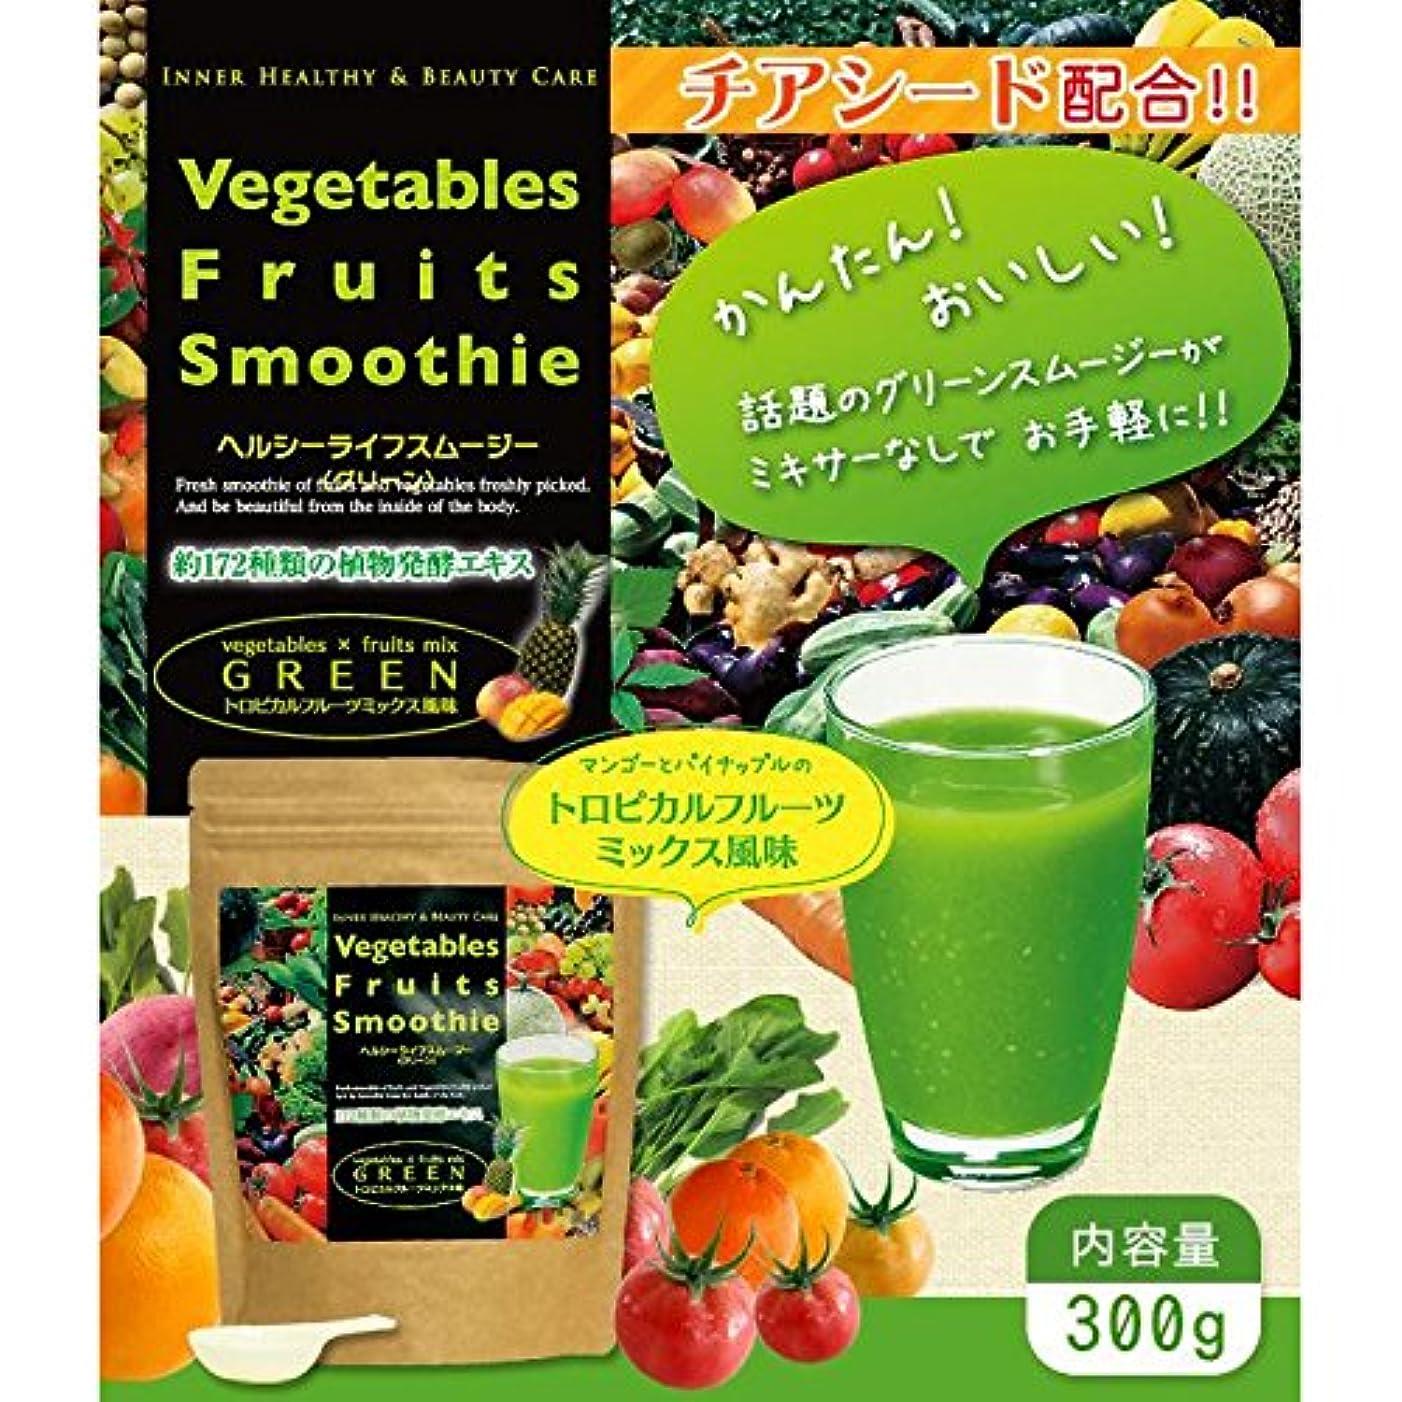 不名誉排他的疾患Vegetables Fruits Smoothie ヘルシーライフスムージー(グリーン)トロピカルフルーツミックス味 300g 日本製